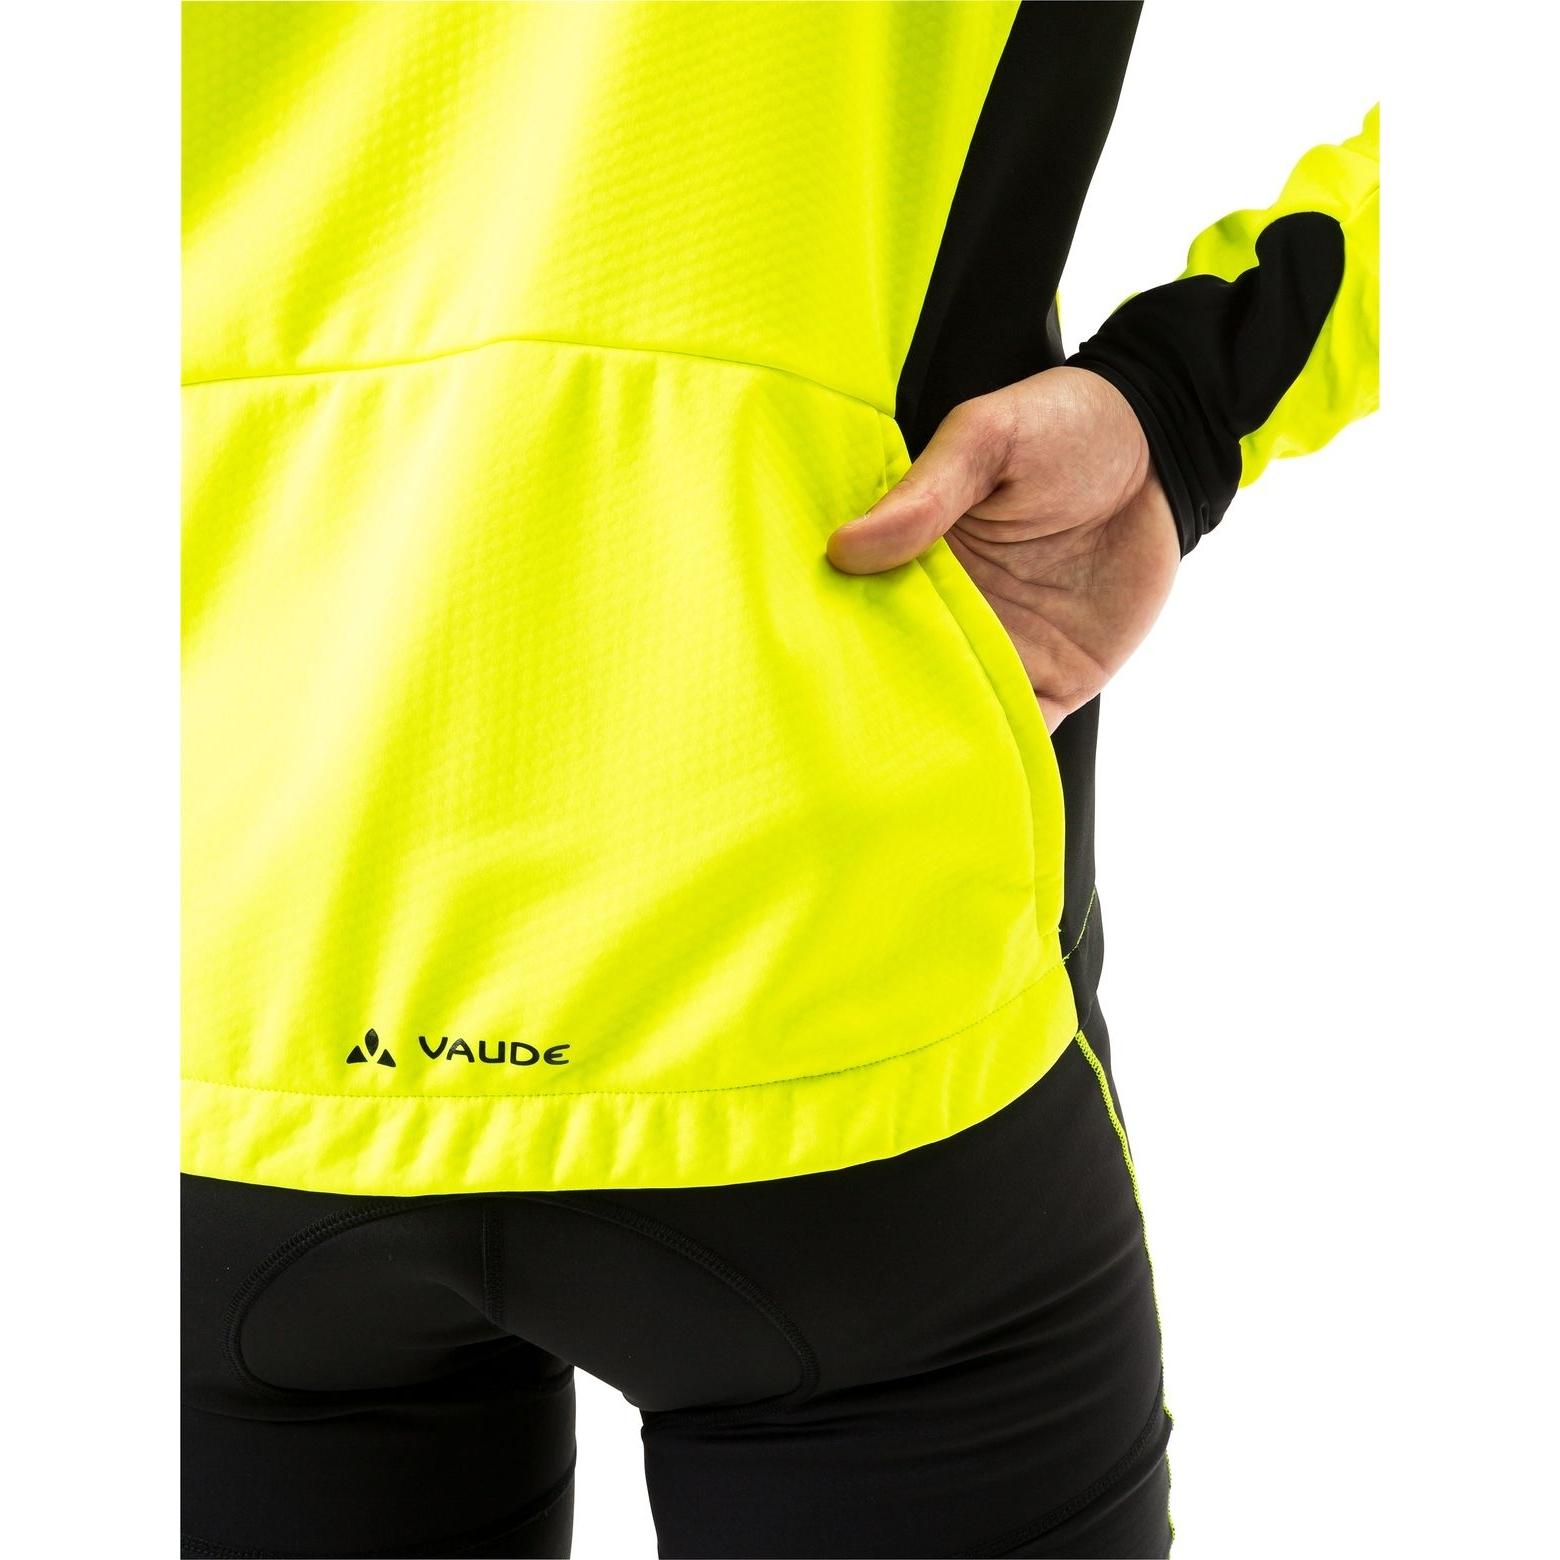 Bild von Vaude Kuro Softshell Jacke - neon gelb